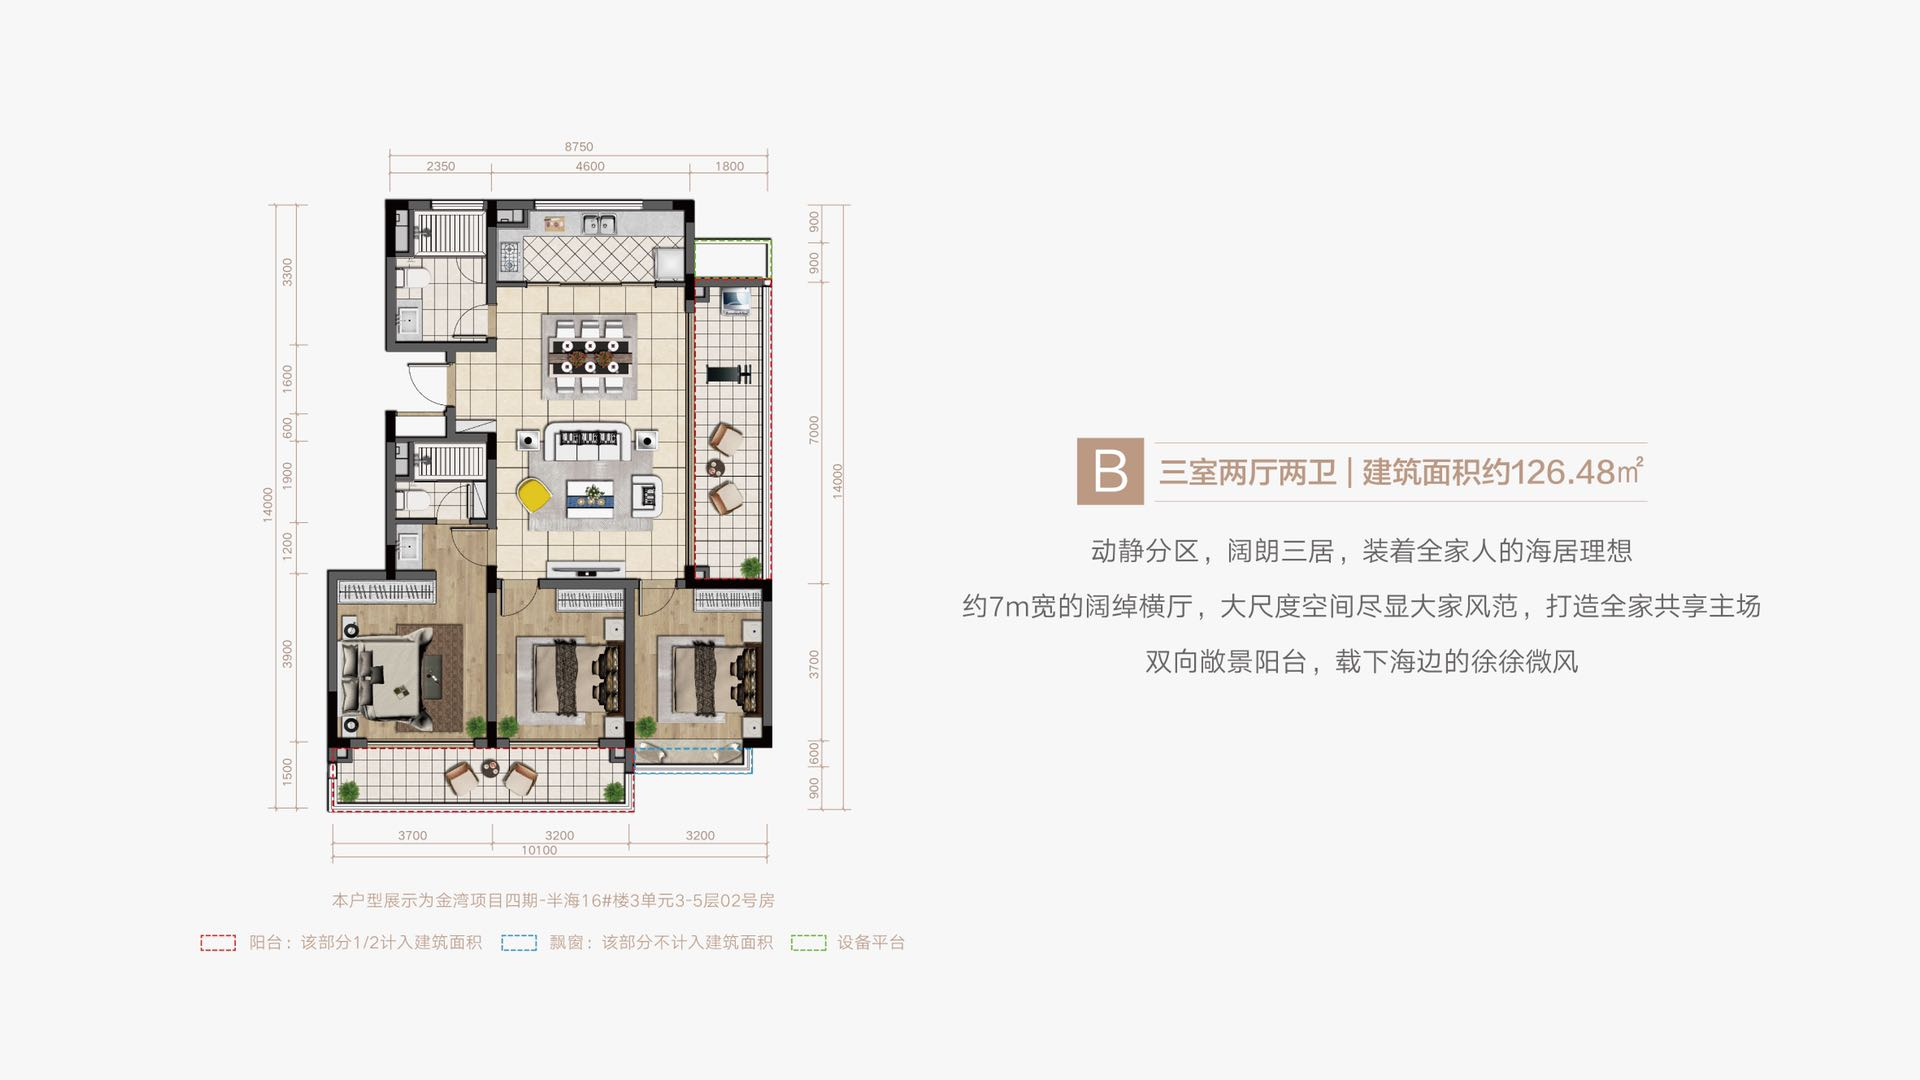 融创博鳌金湾B户型 3房2厅2卫 建筑面积:126.48㎡